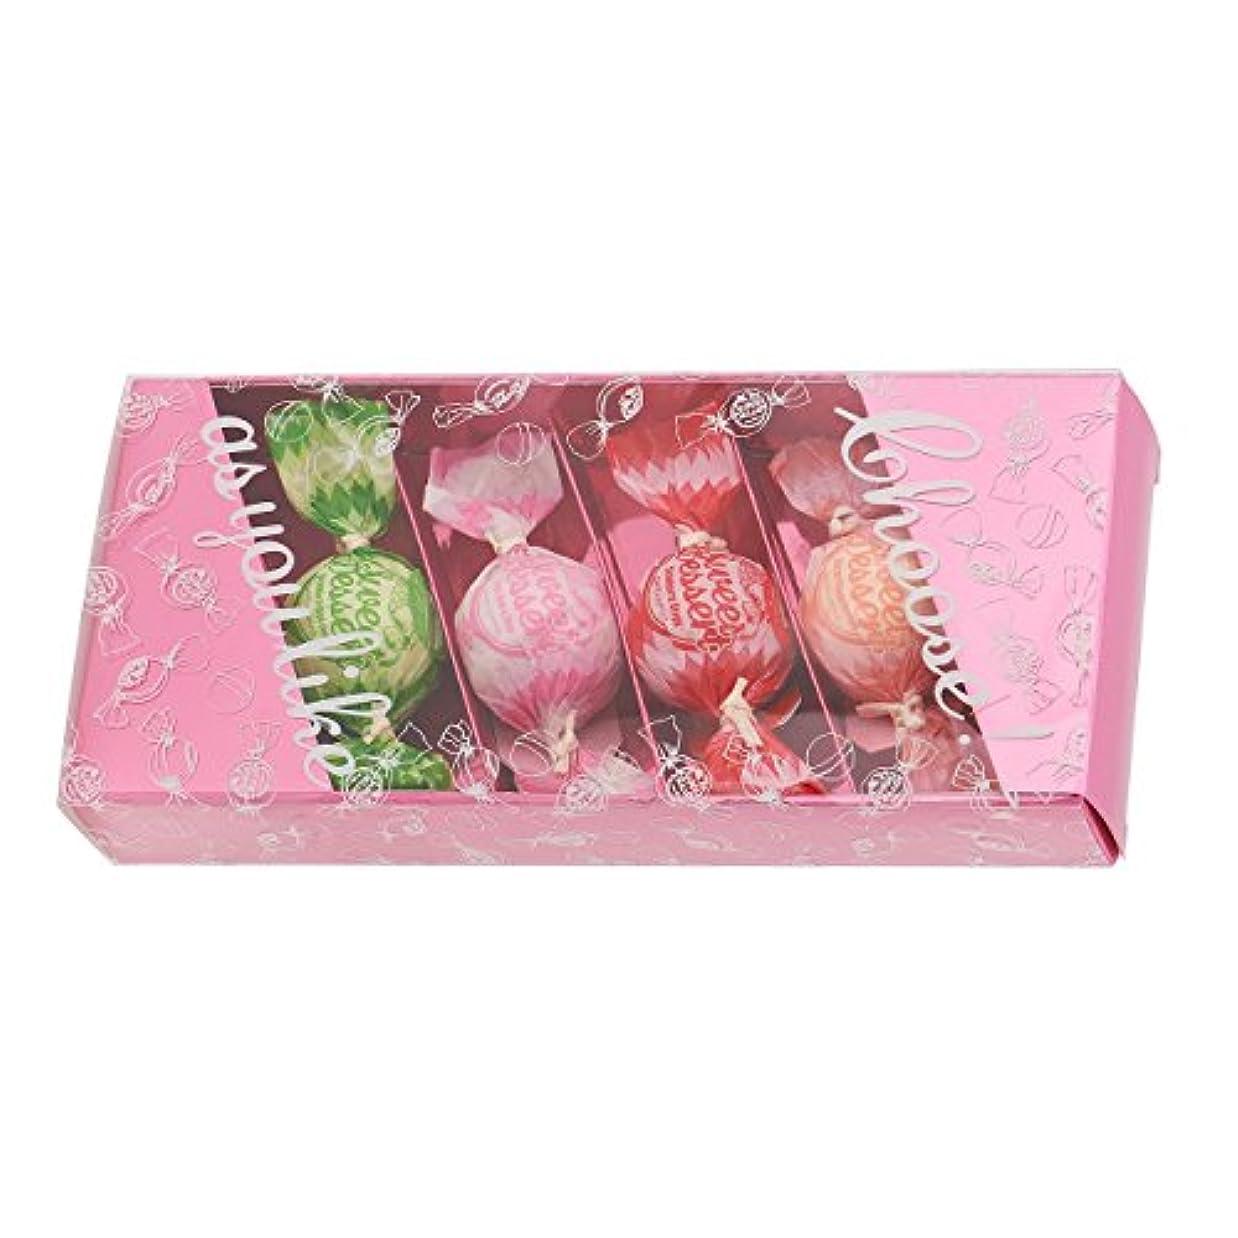 びっくりするダウンタウン調和のとれたアマイワナ バスキャンディー4粒ギフトセット(35g×4個) ピンク(発泡タイプ入浴料 バスギフト)